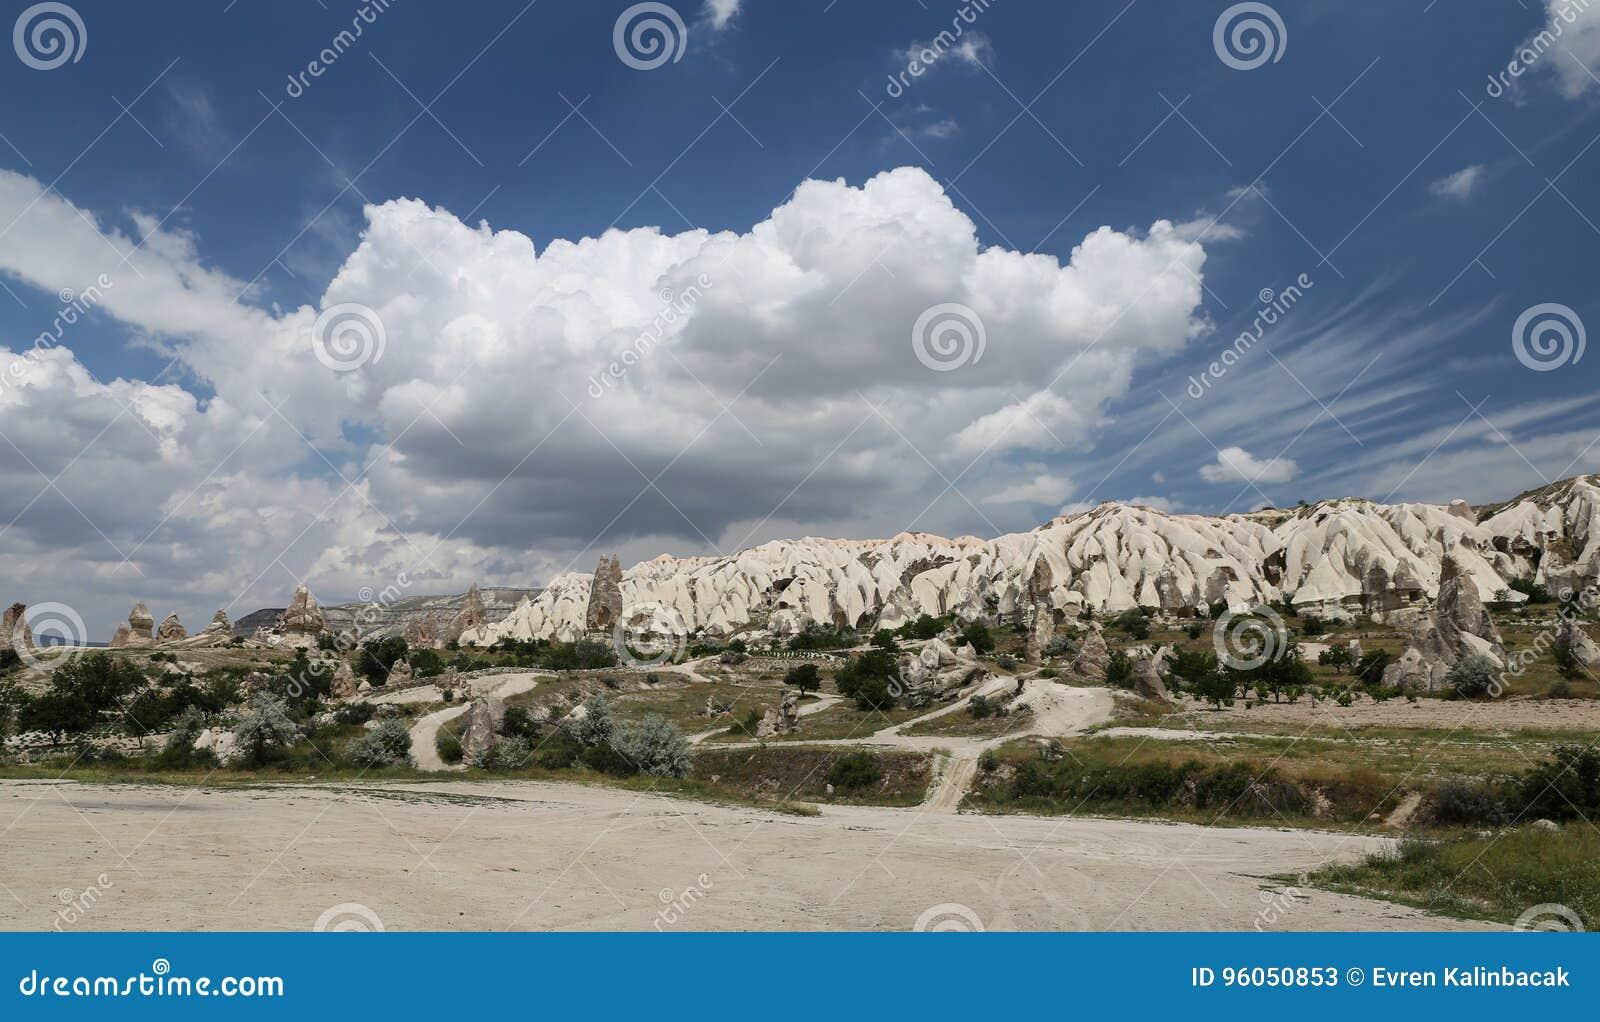 Formations de roche en vallée d épées, Cappadocia